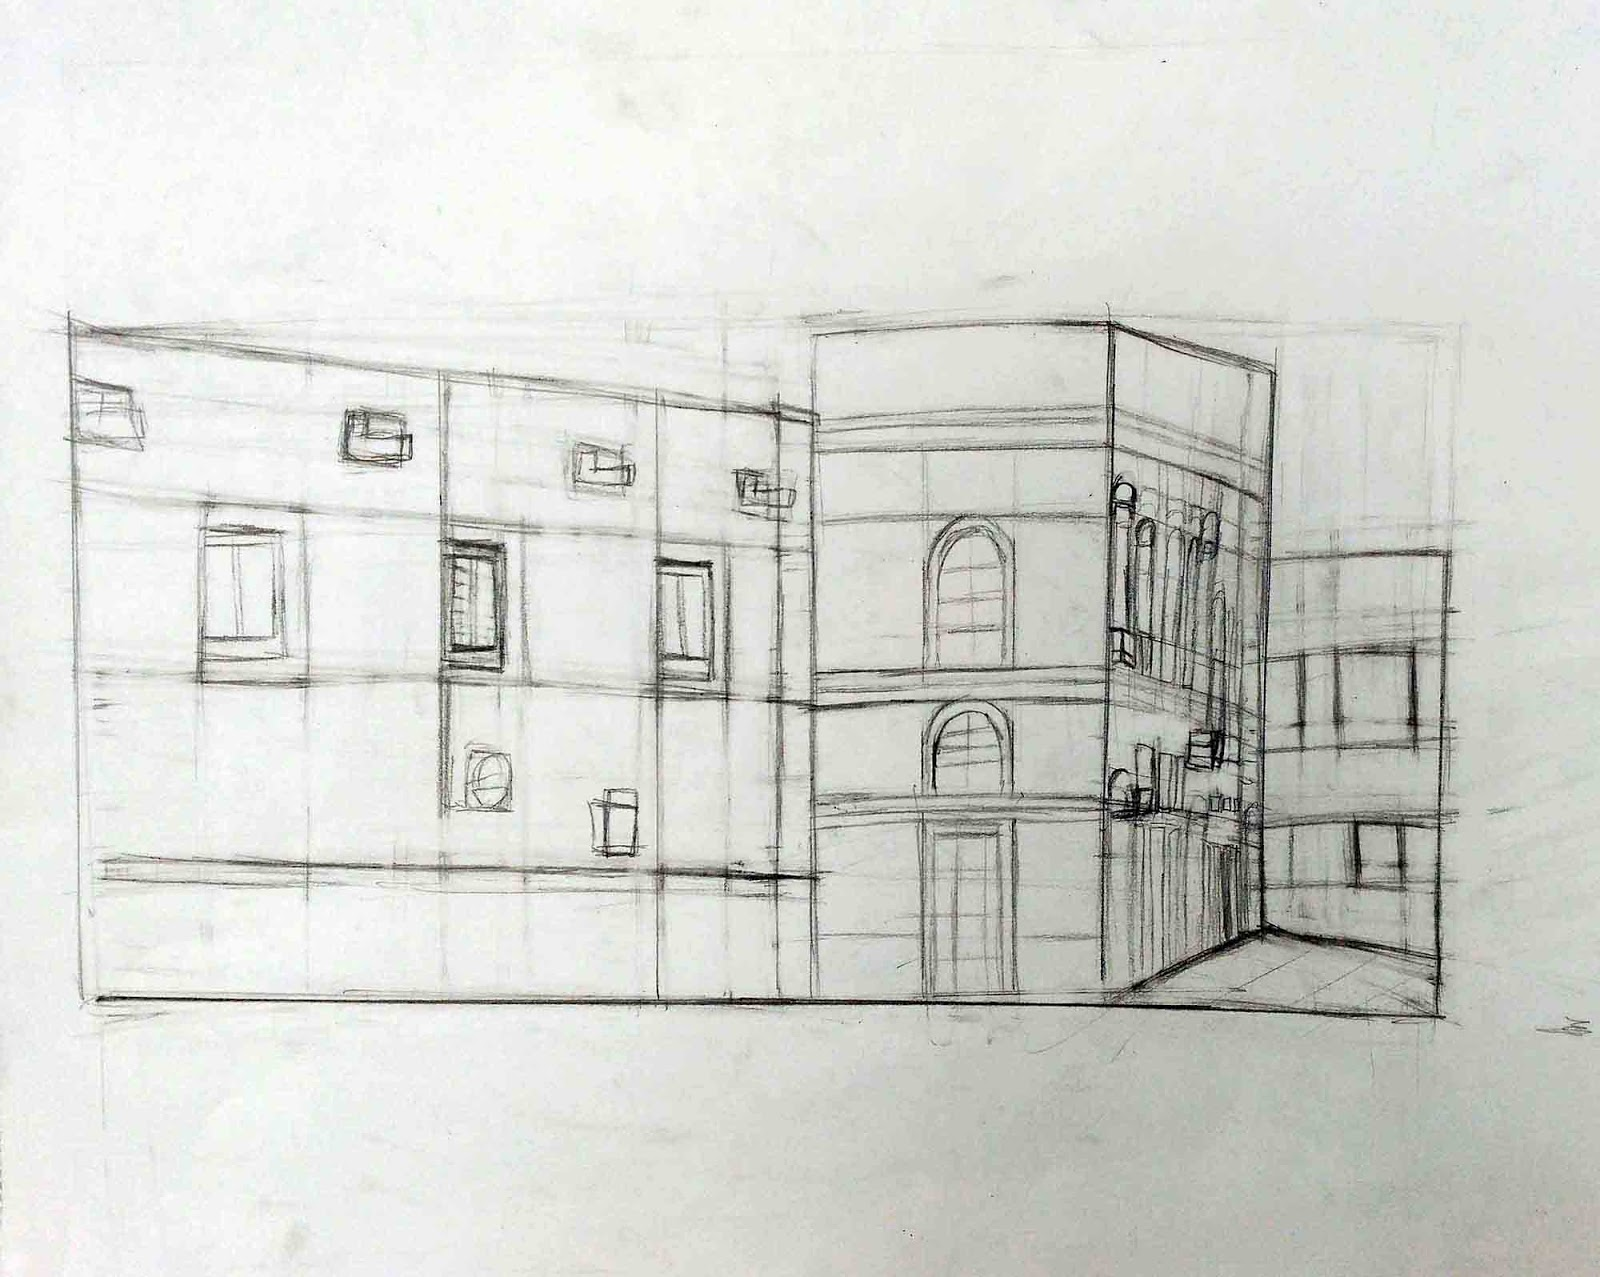 Colegio San José Dominicas: Colegio San José Dominicas: Dibujo Al Natural